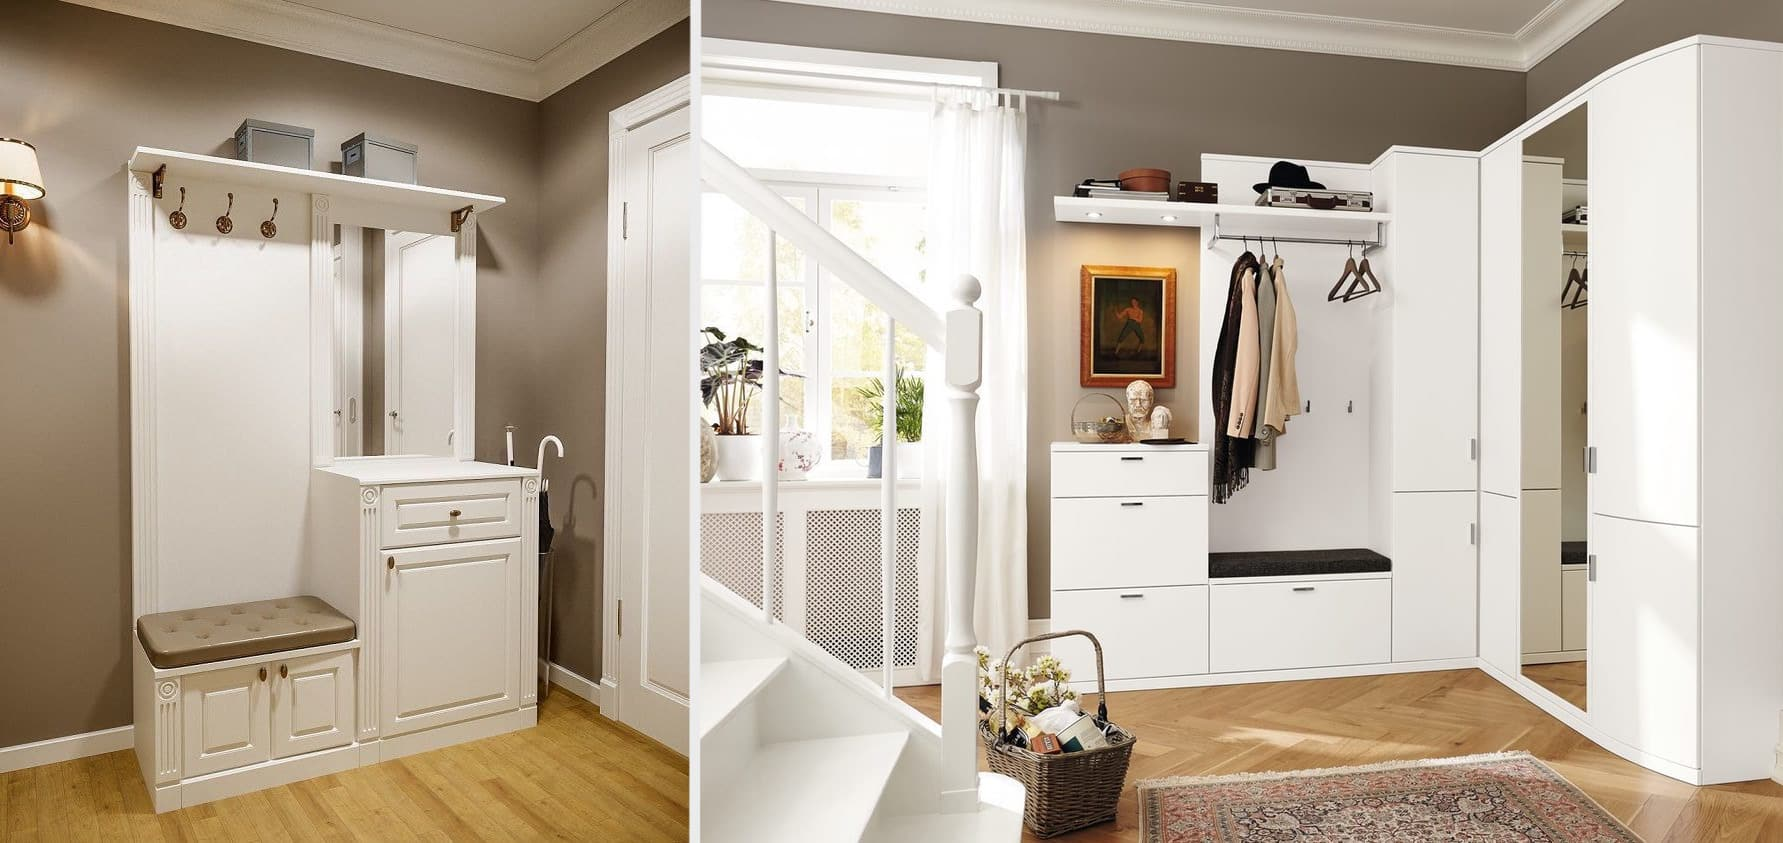 Un beau couloir de couleur marron combine avec succès l'élégance expressive, l'esthétique et le confort.